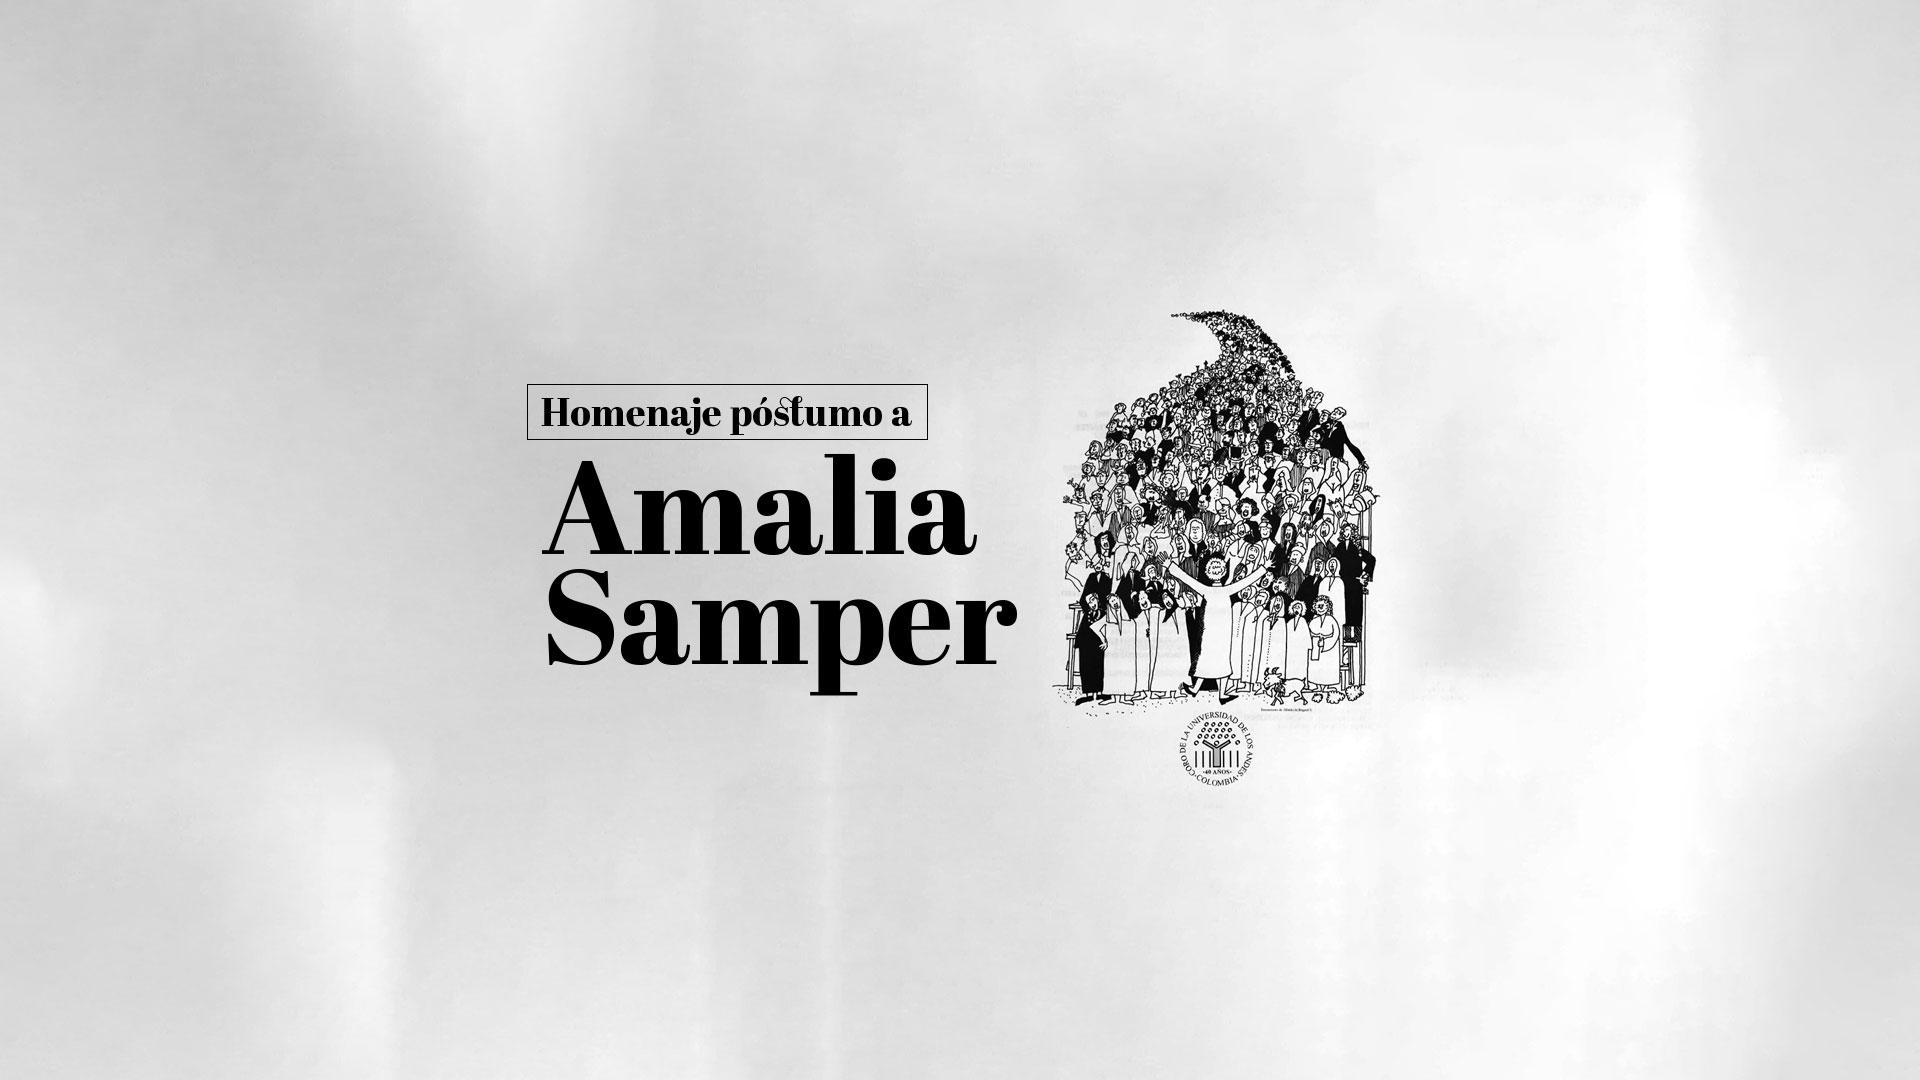 ¡Por muchos años, Amalia!